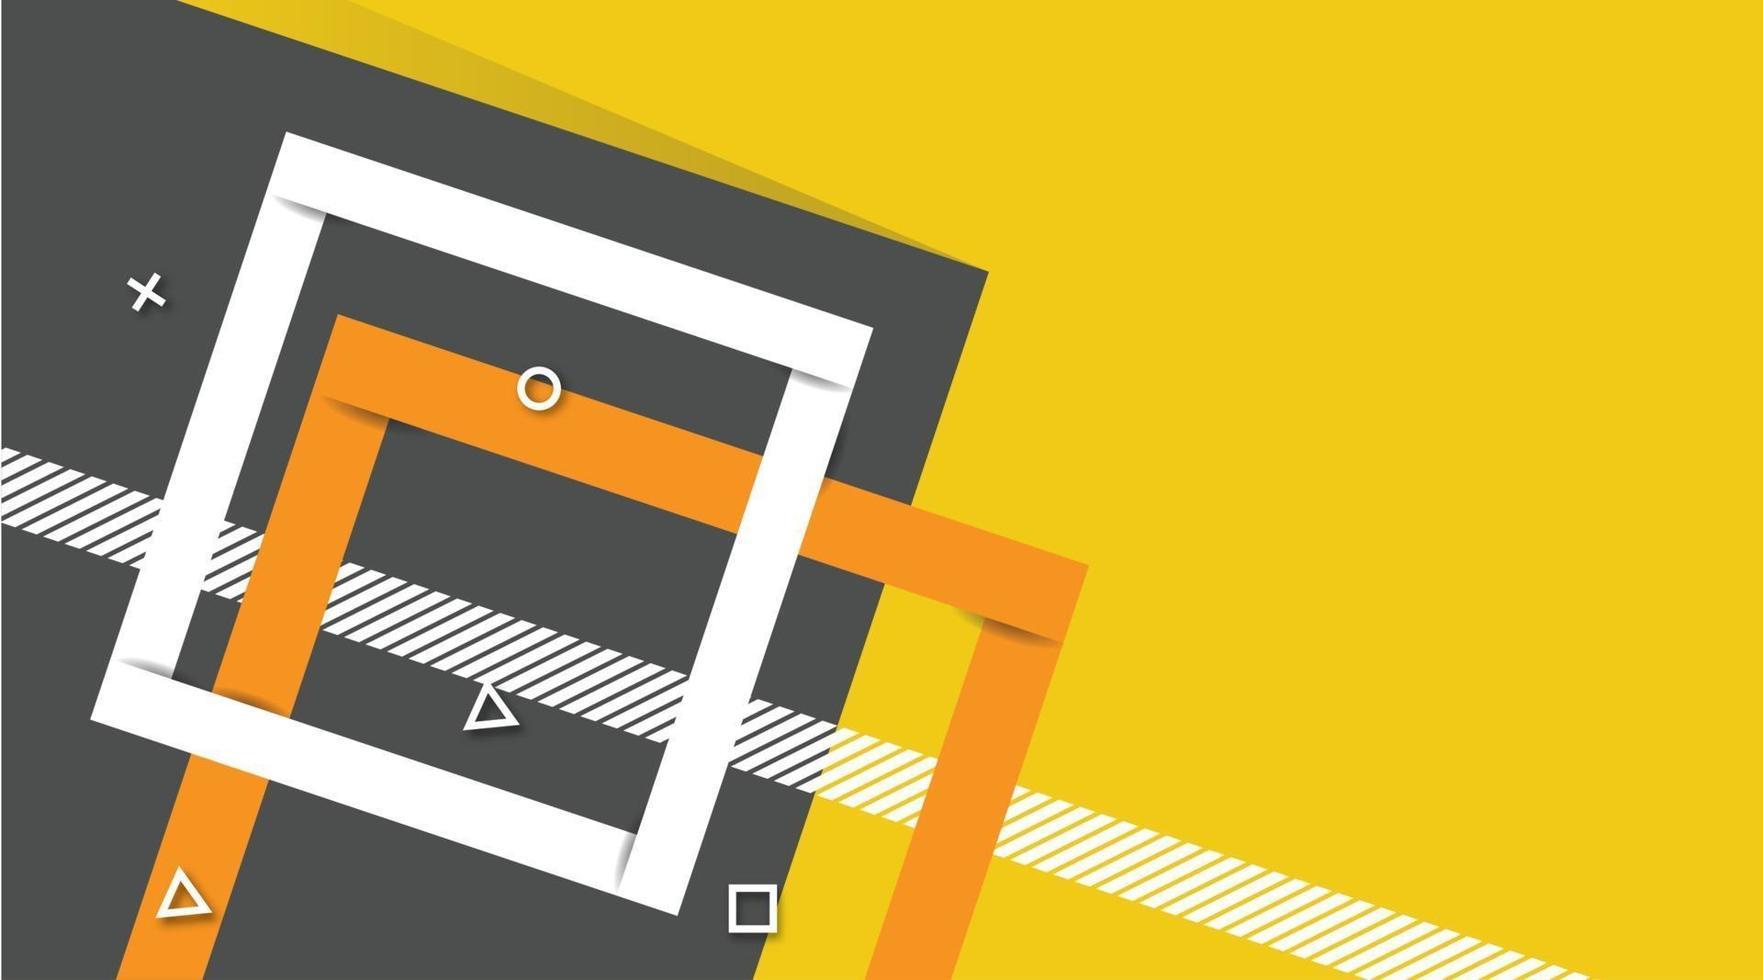 fundo gráfico futurista moderno abstrato. fundo amarelo com listras. desenho de fundo abstrato geométrico minimalista, fundo de banner em cores amarelas e cinza brilhantes. desenho vetorial vetor